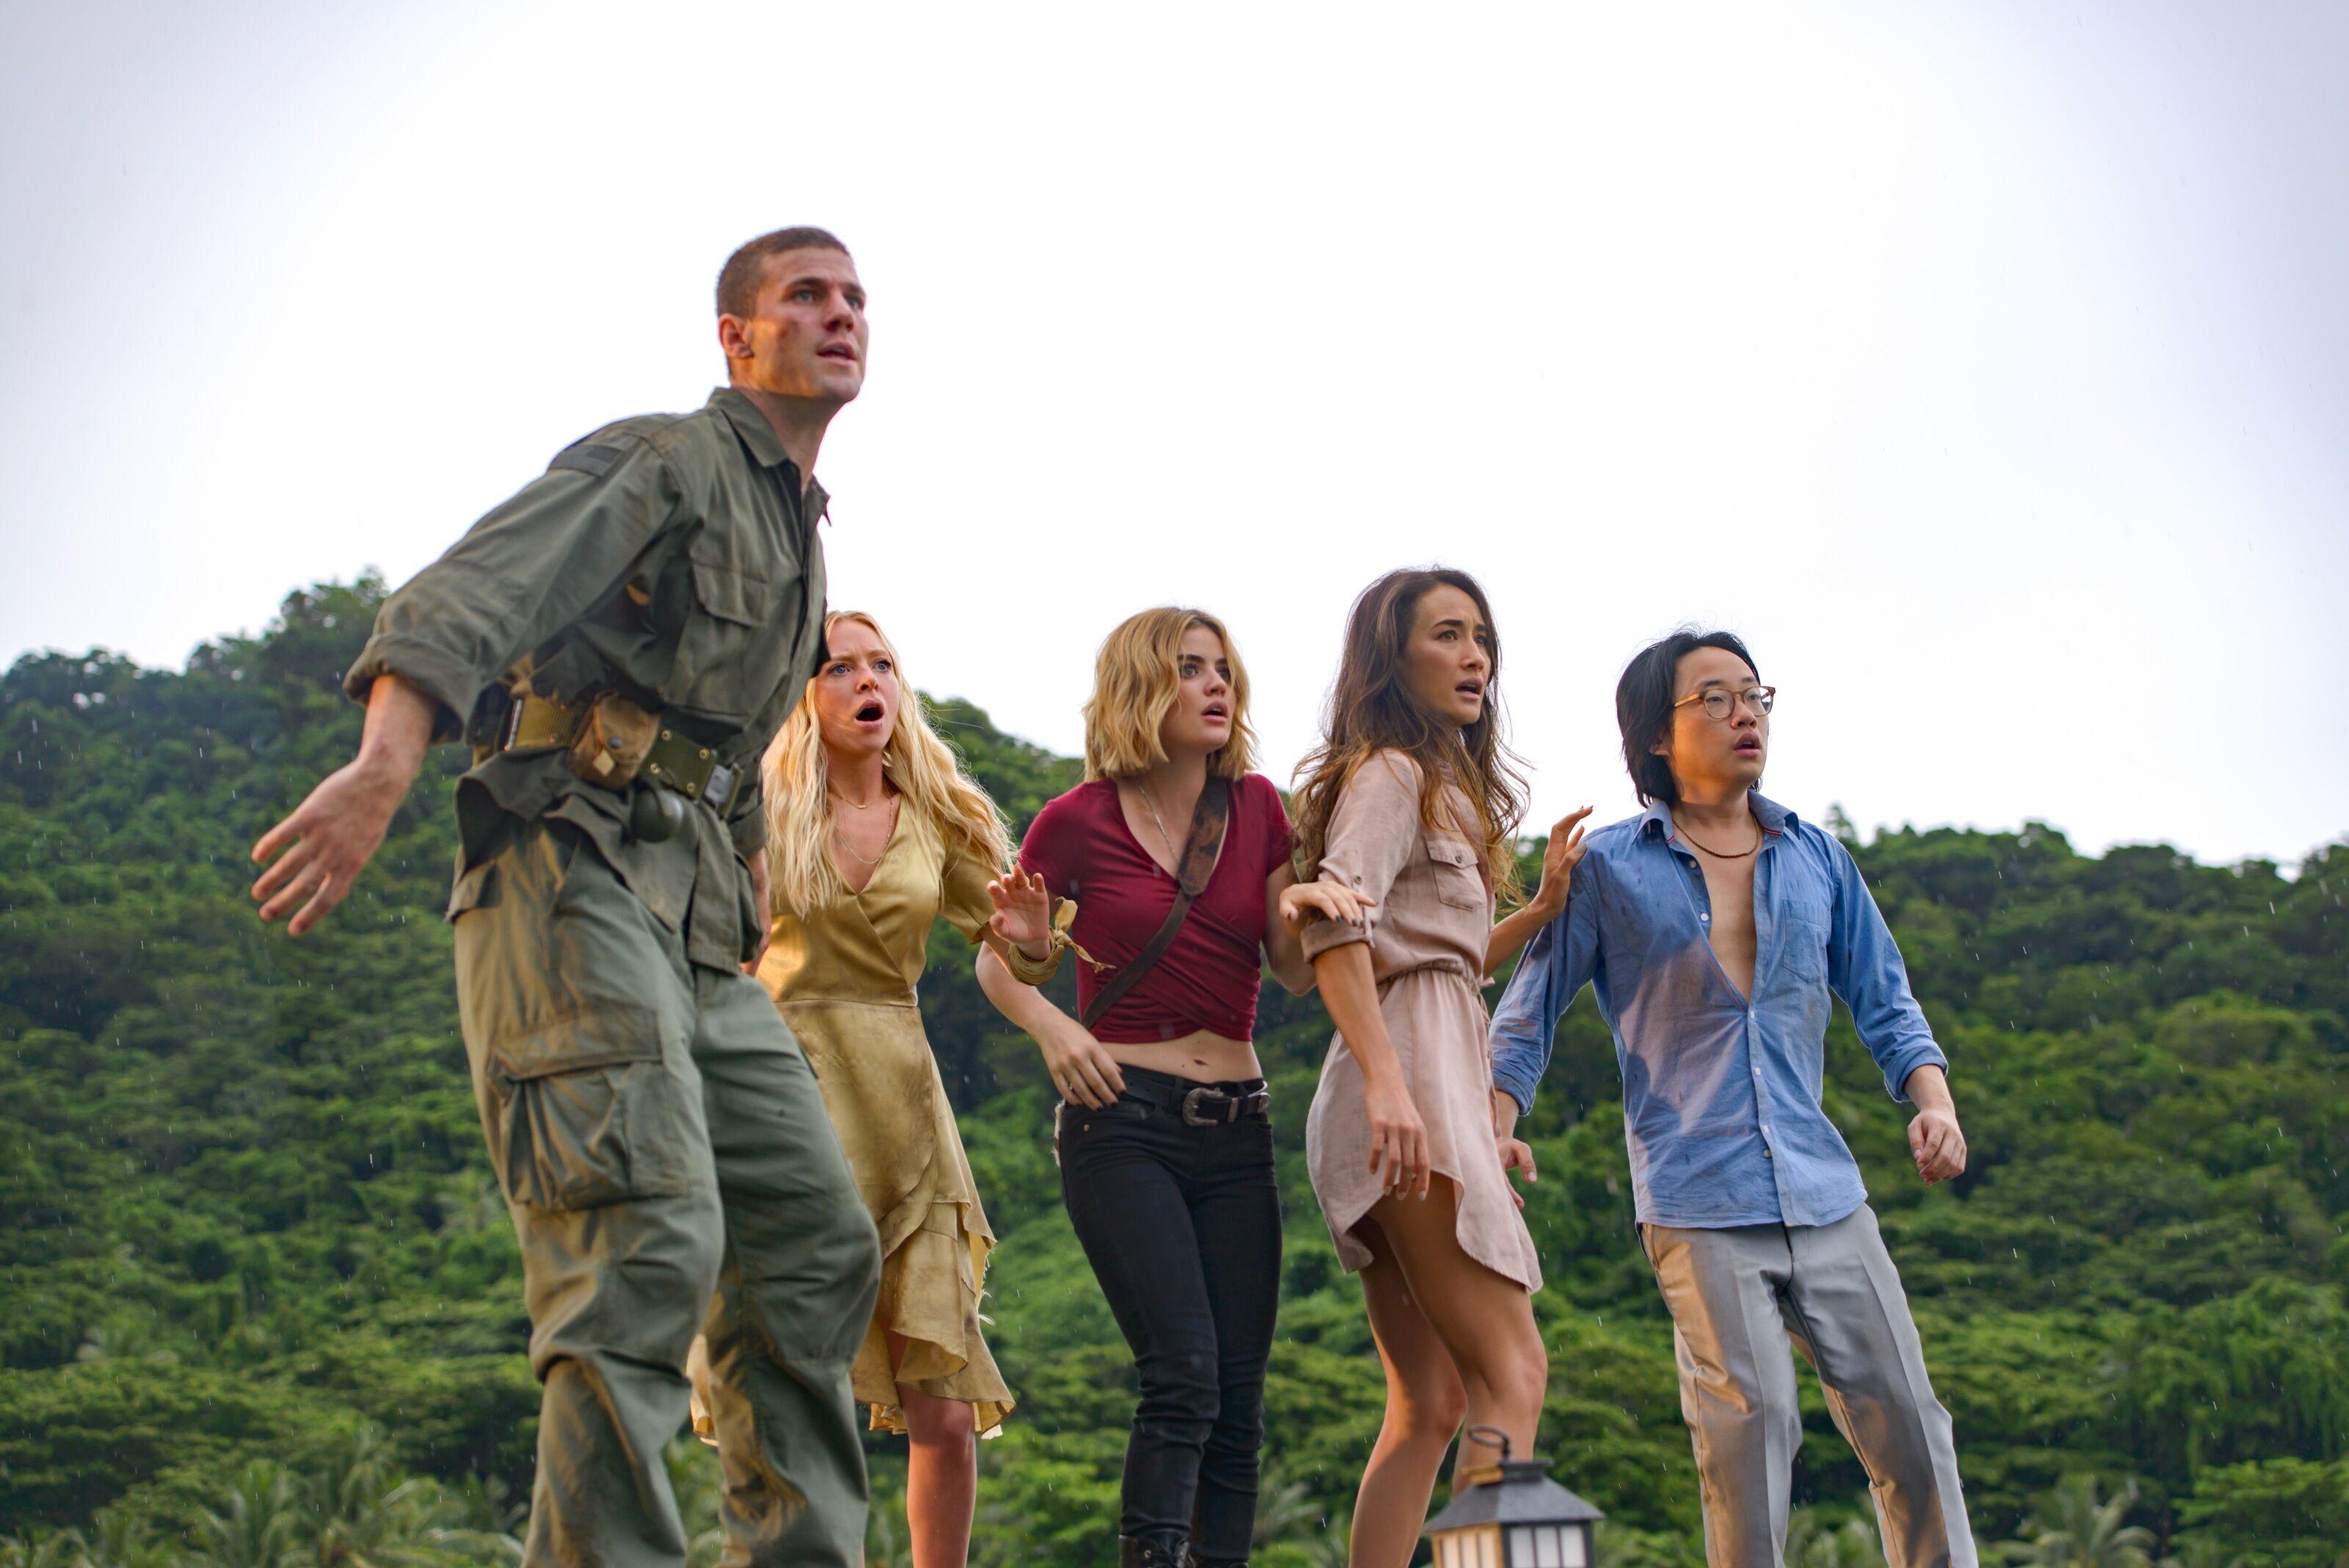 Will Fantasy Island stream on Amazon Prime Video?